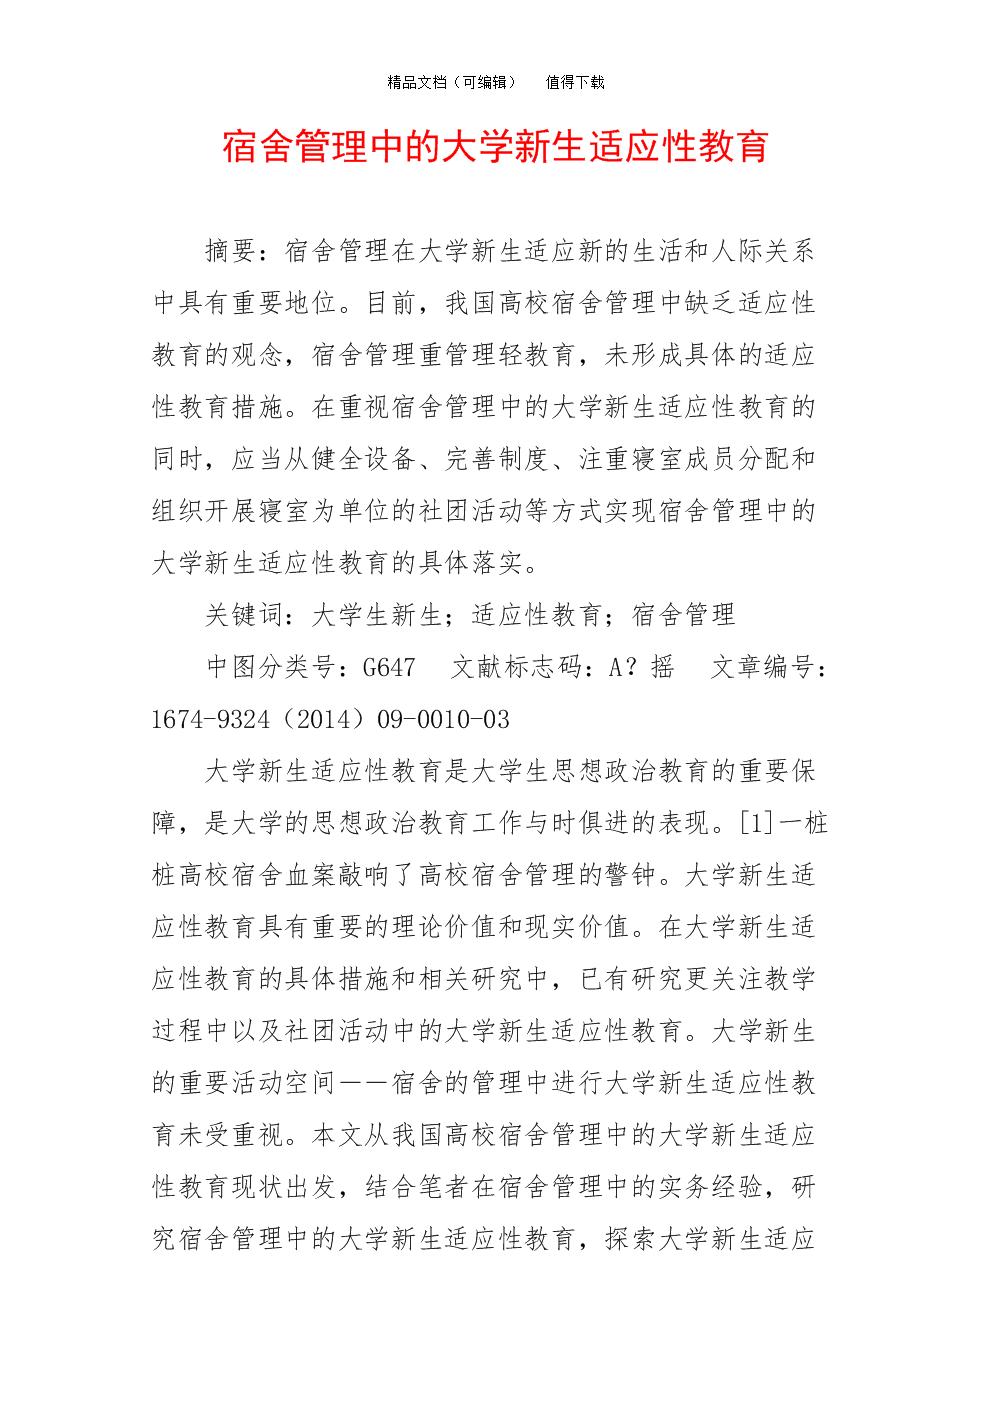 宿舍管理中的大学新生适应性教育.doc